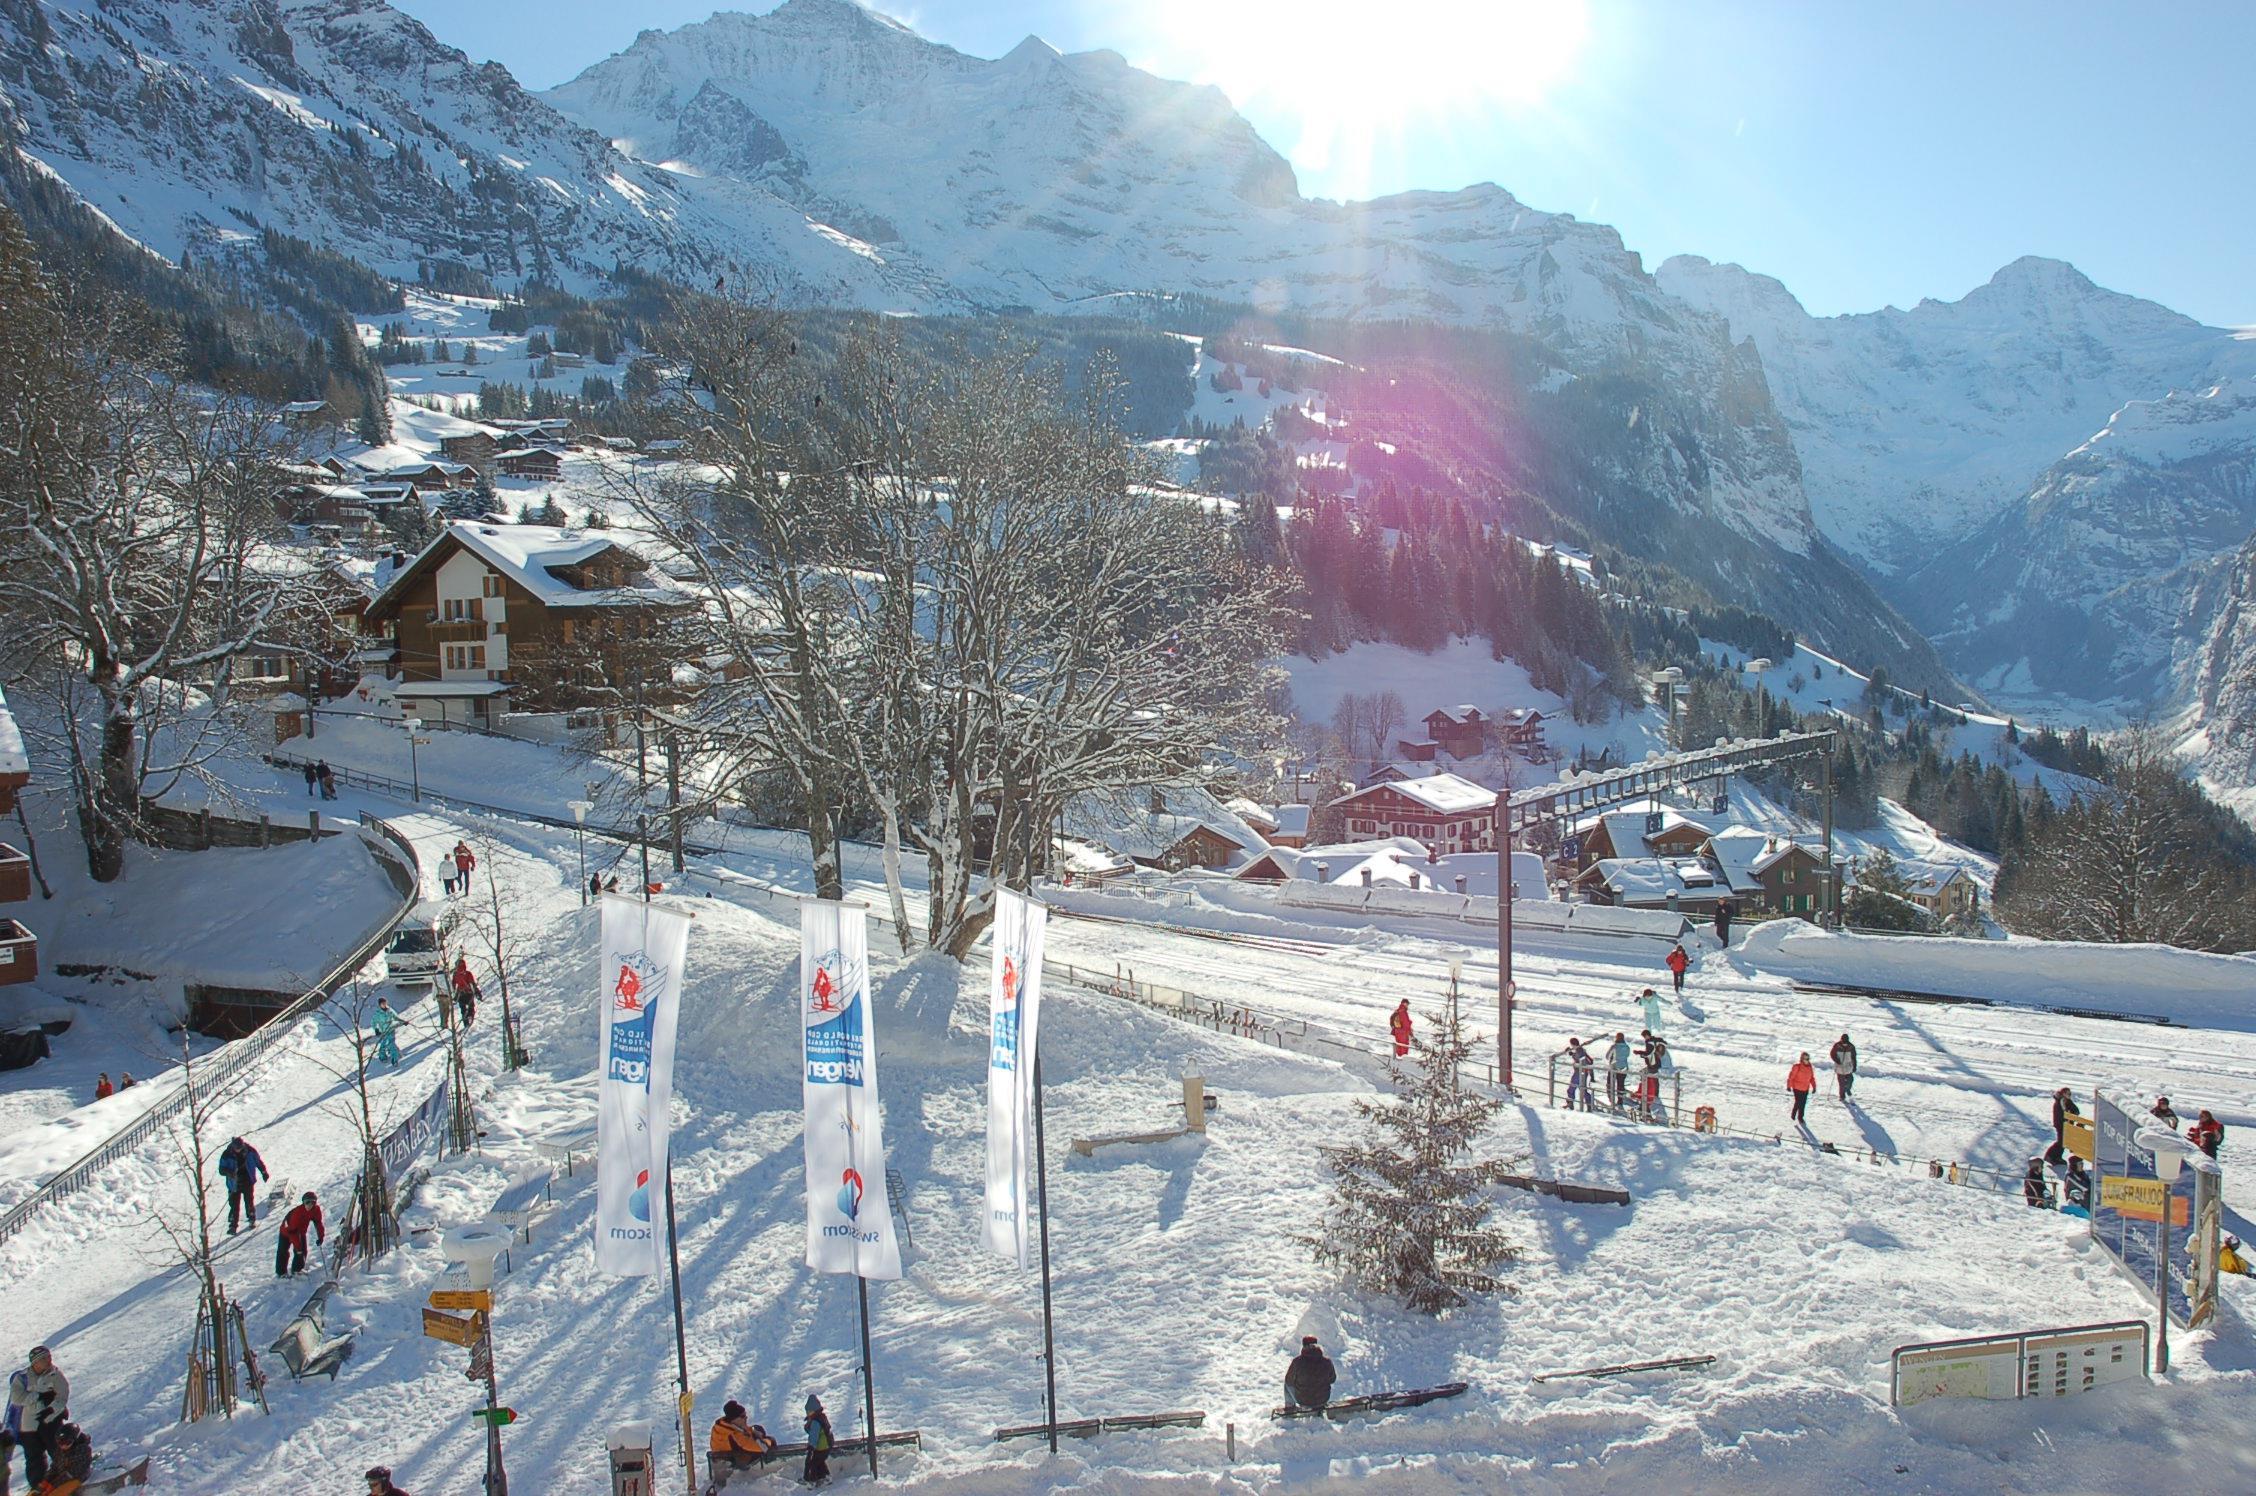 Ferienwohnung Eiger Residence 6 Bett Wohnung (2712549), Wengen, Jungfrauregion, Berner Oberland, Schweiz, Bild 9